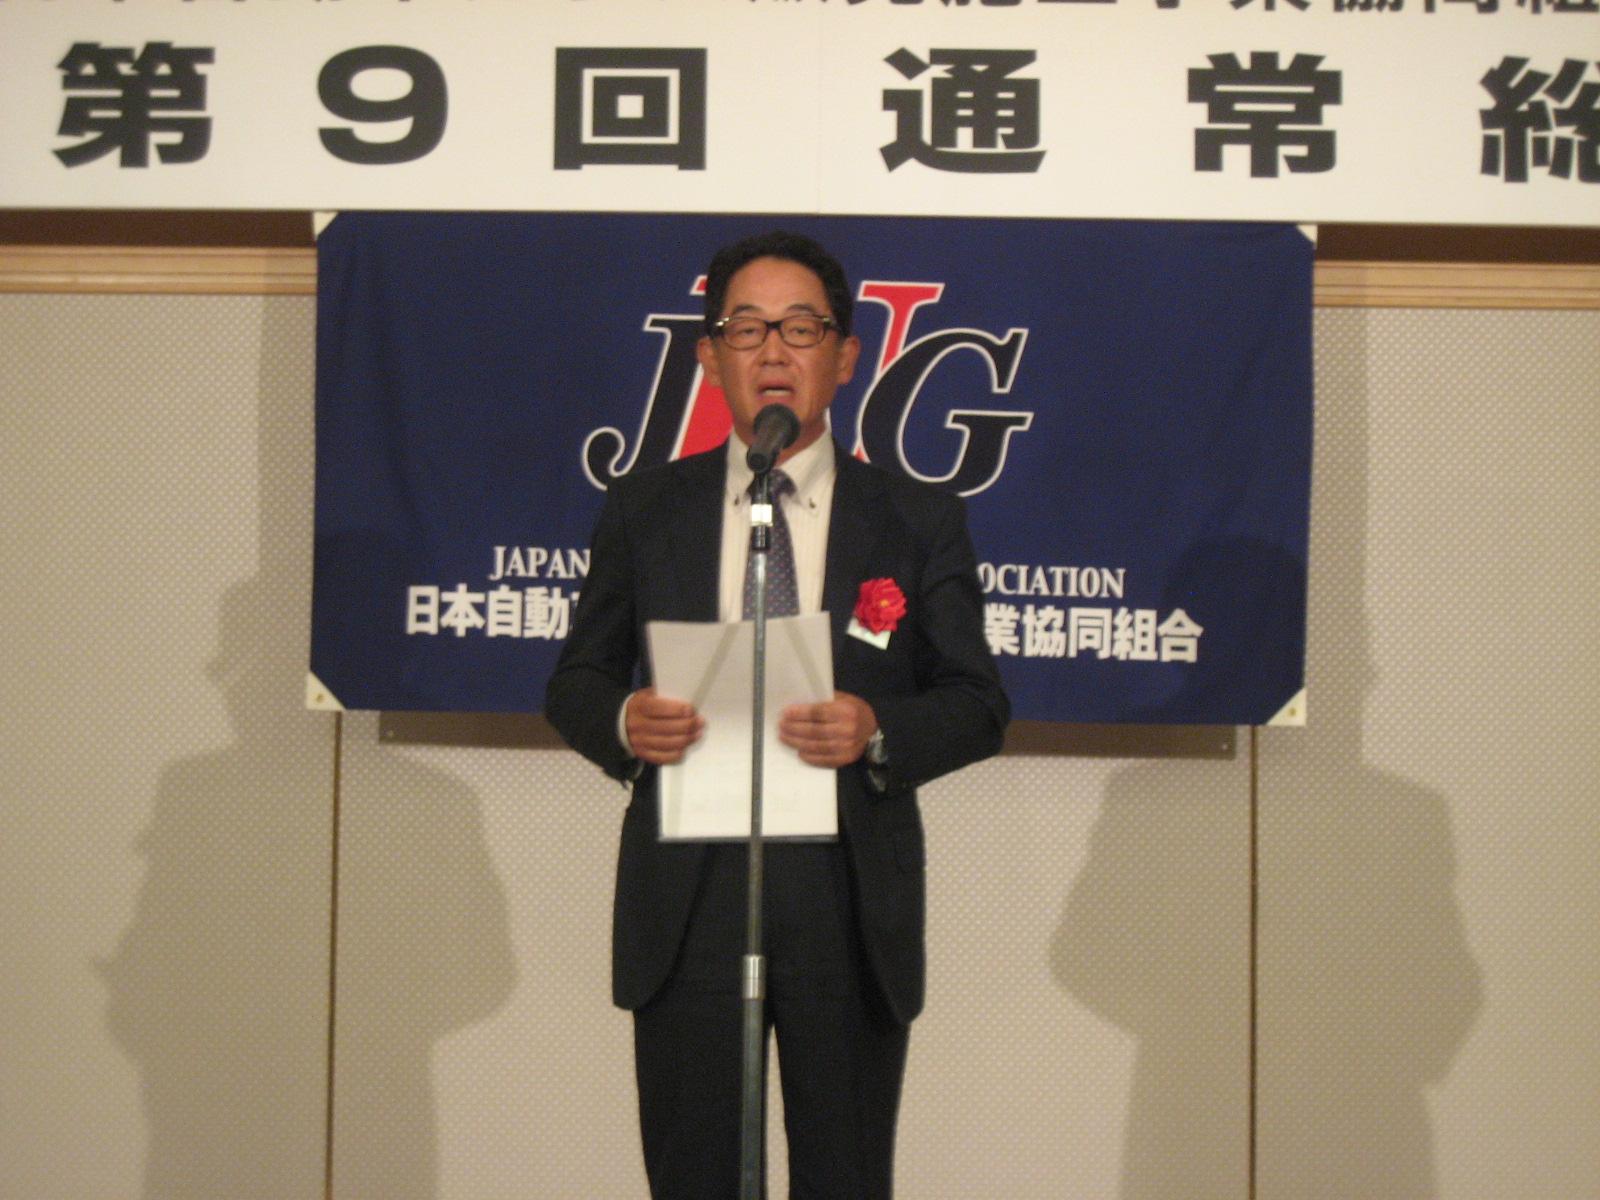 f1341881210.JPG